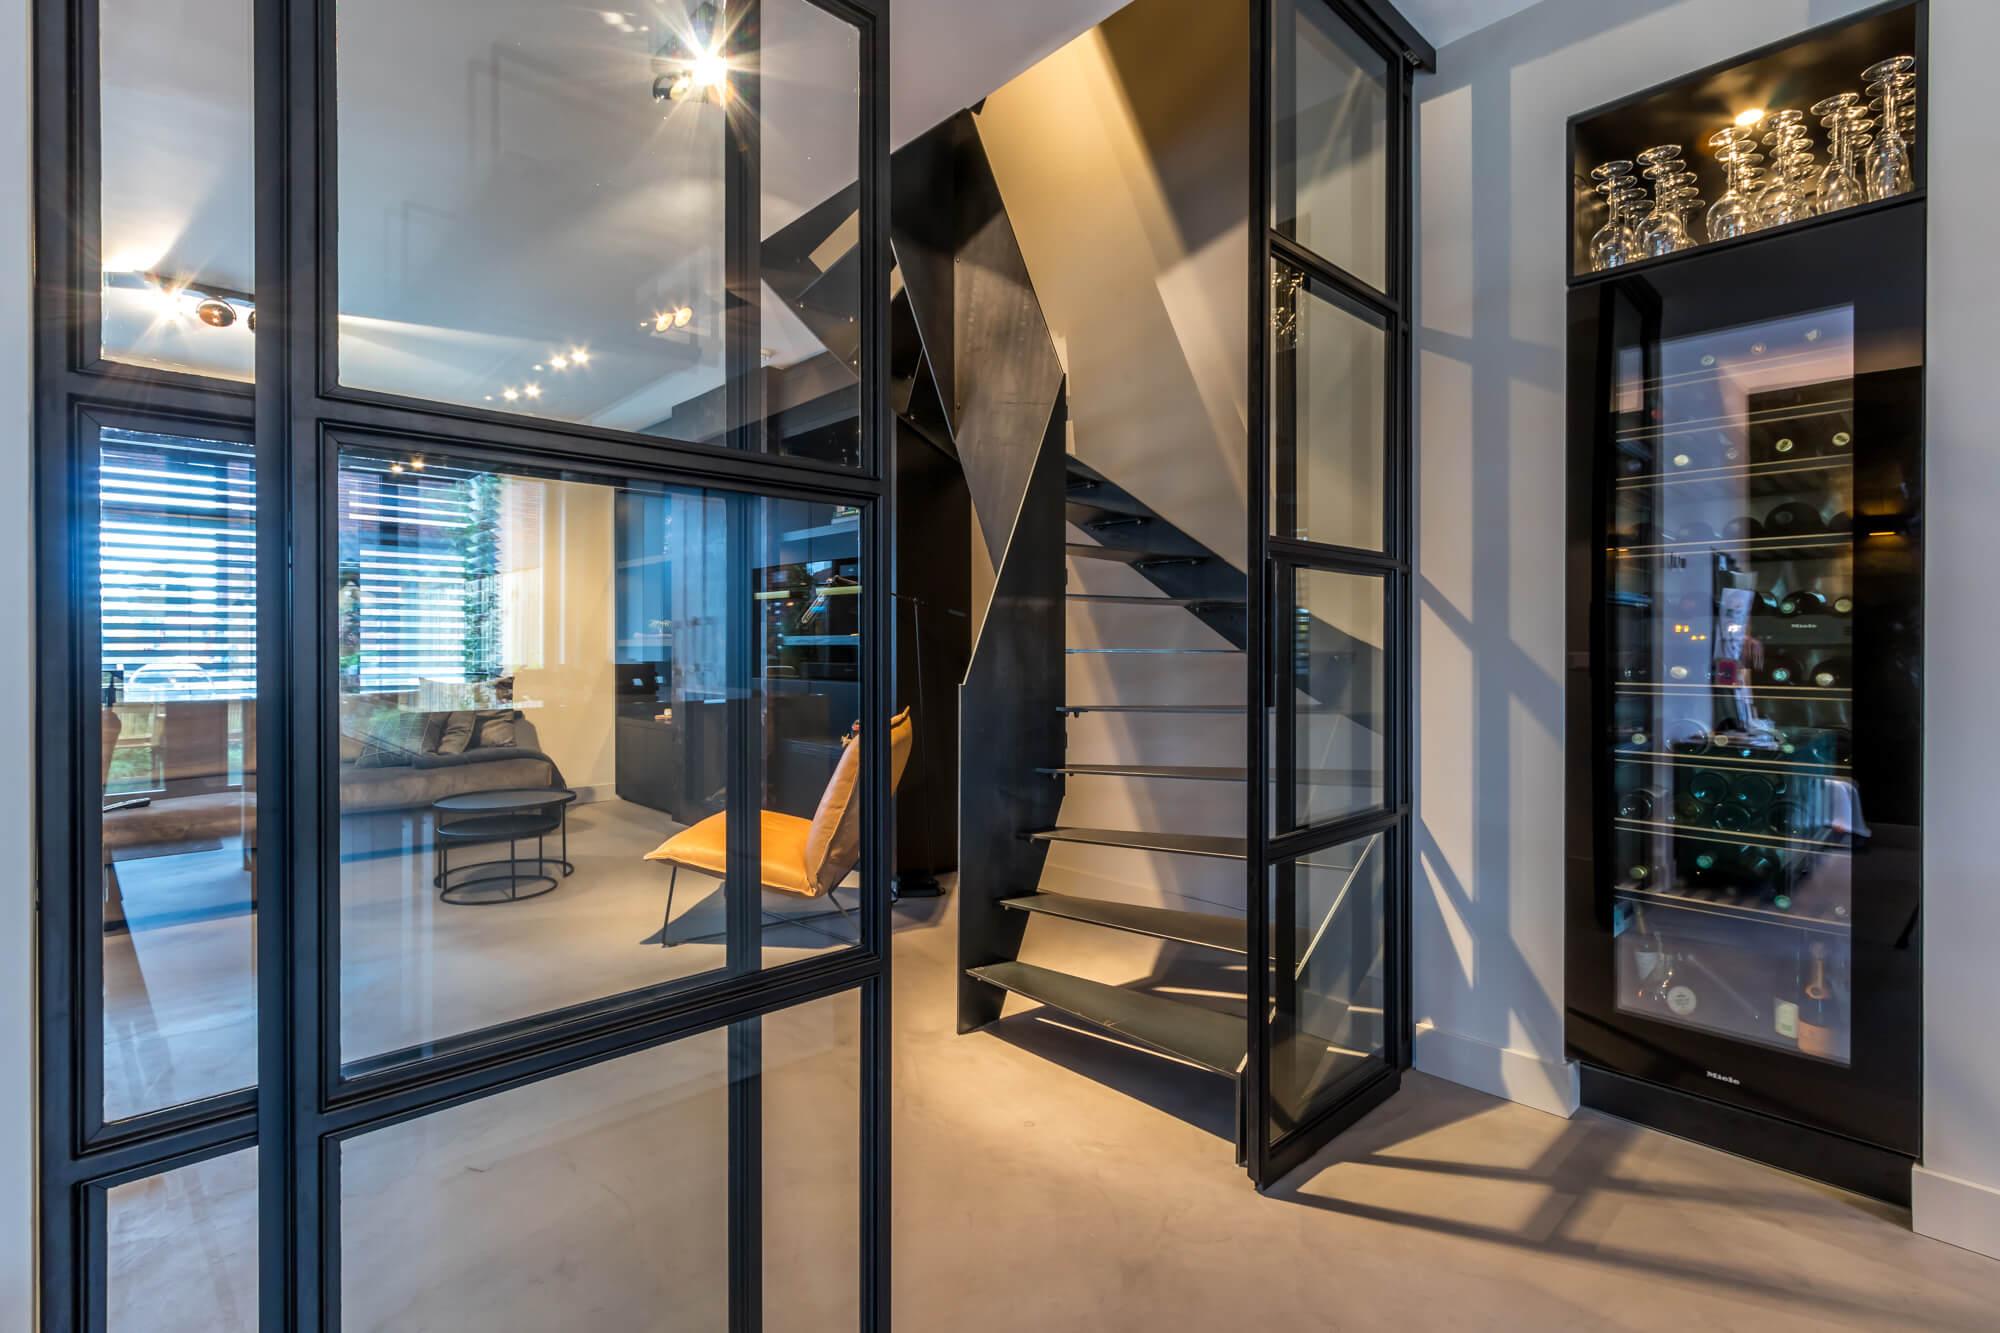 Stalen wenteltrappen in modern huis met stalen elementen